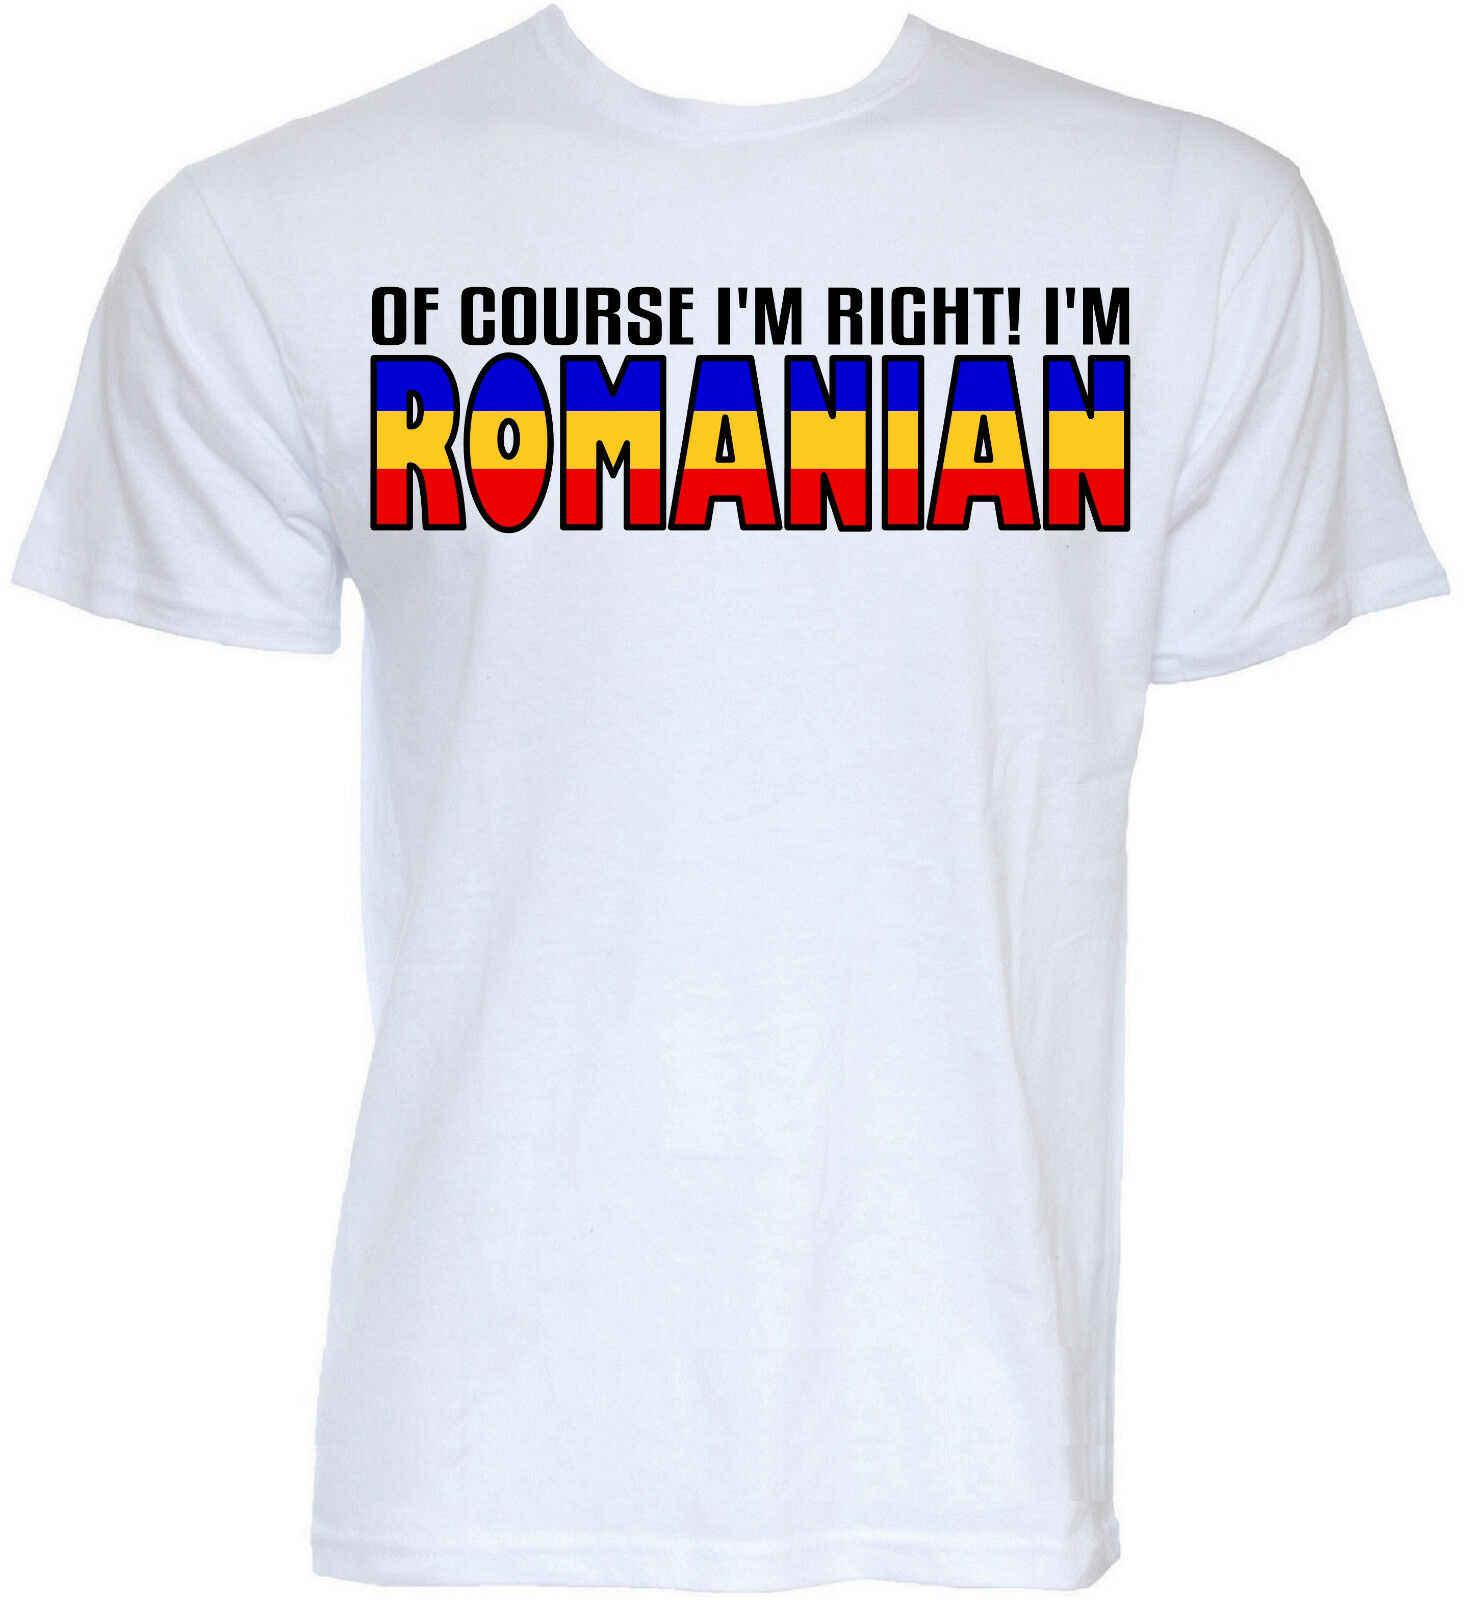 Футболки для девочек, мужские забавные, классные, новинка, Флаг Румынии грубая шутка, подарки, футболка